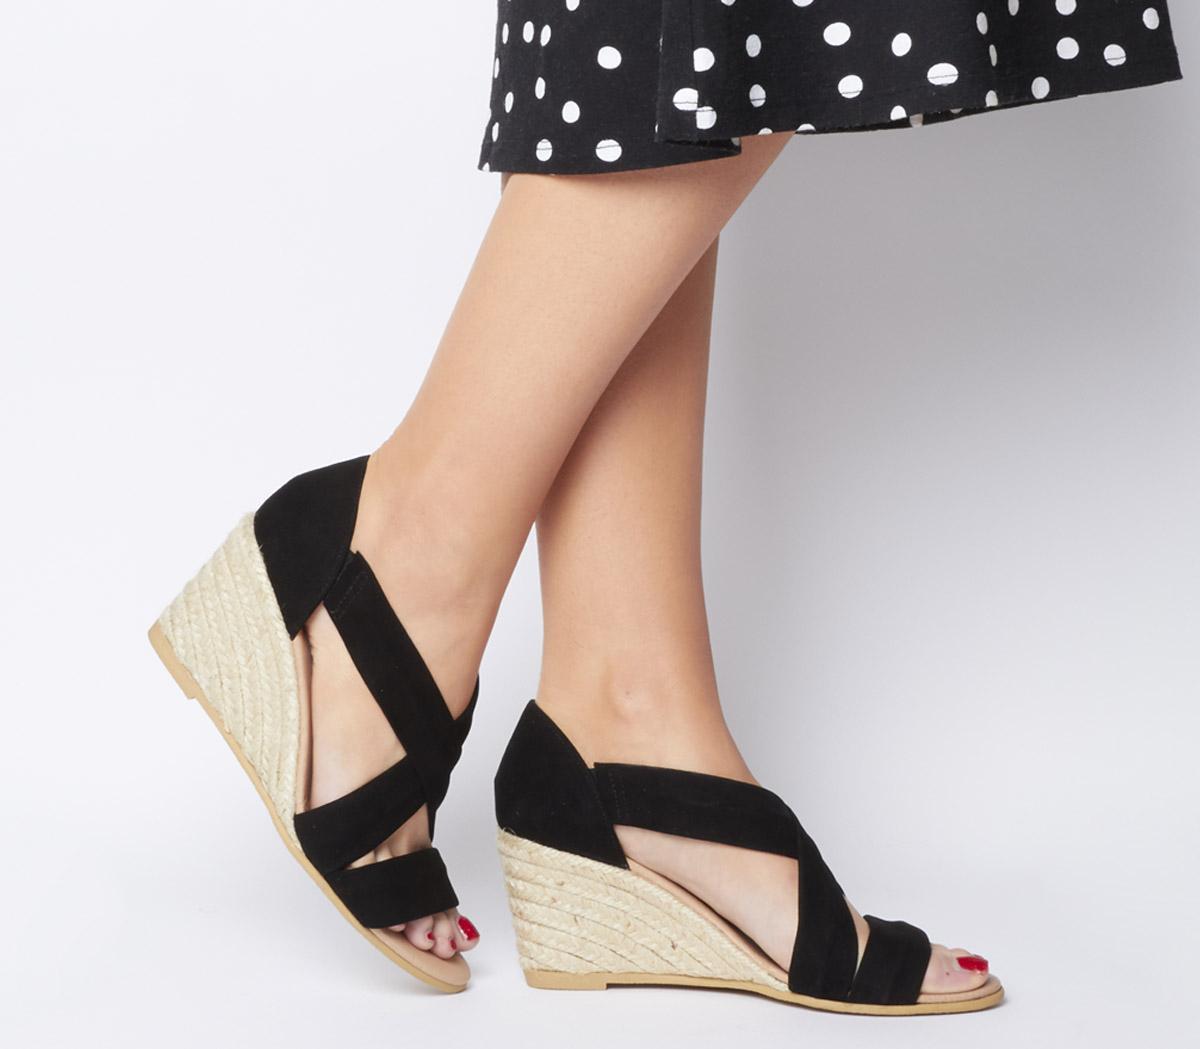 Maiden Wedge Heels - Wide Fit